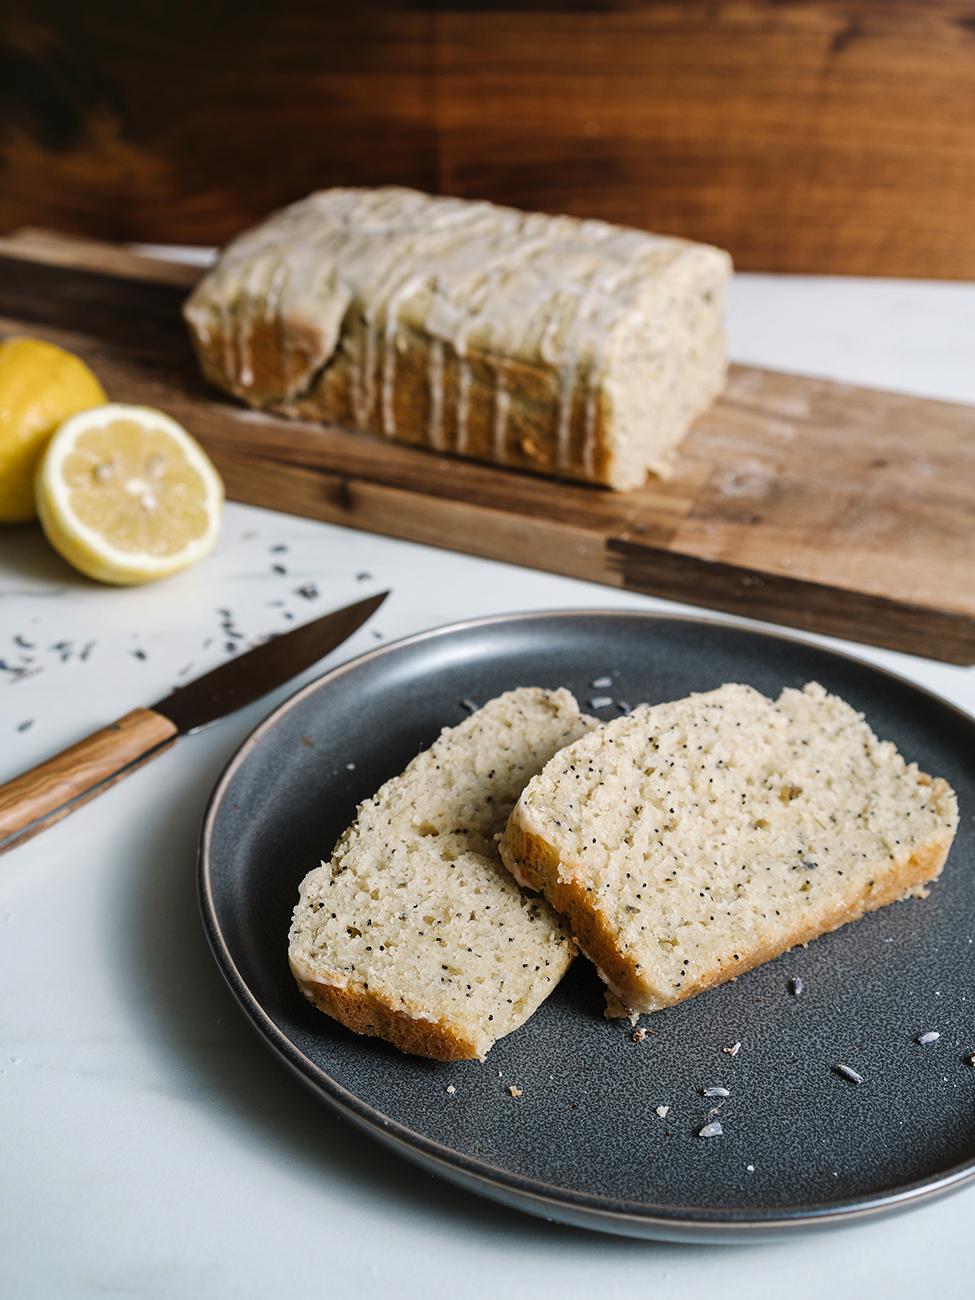 poppy seed bread on plate